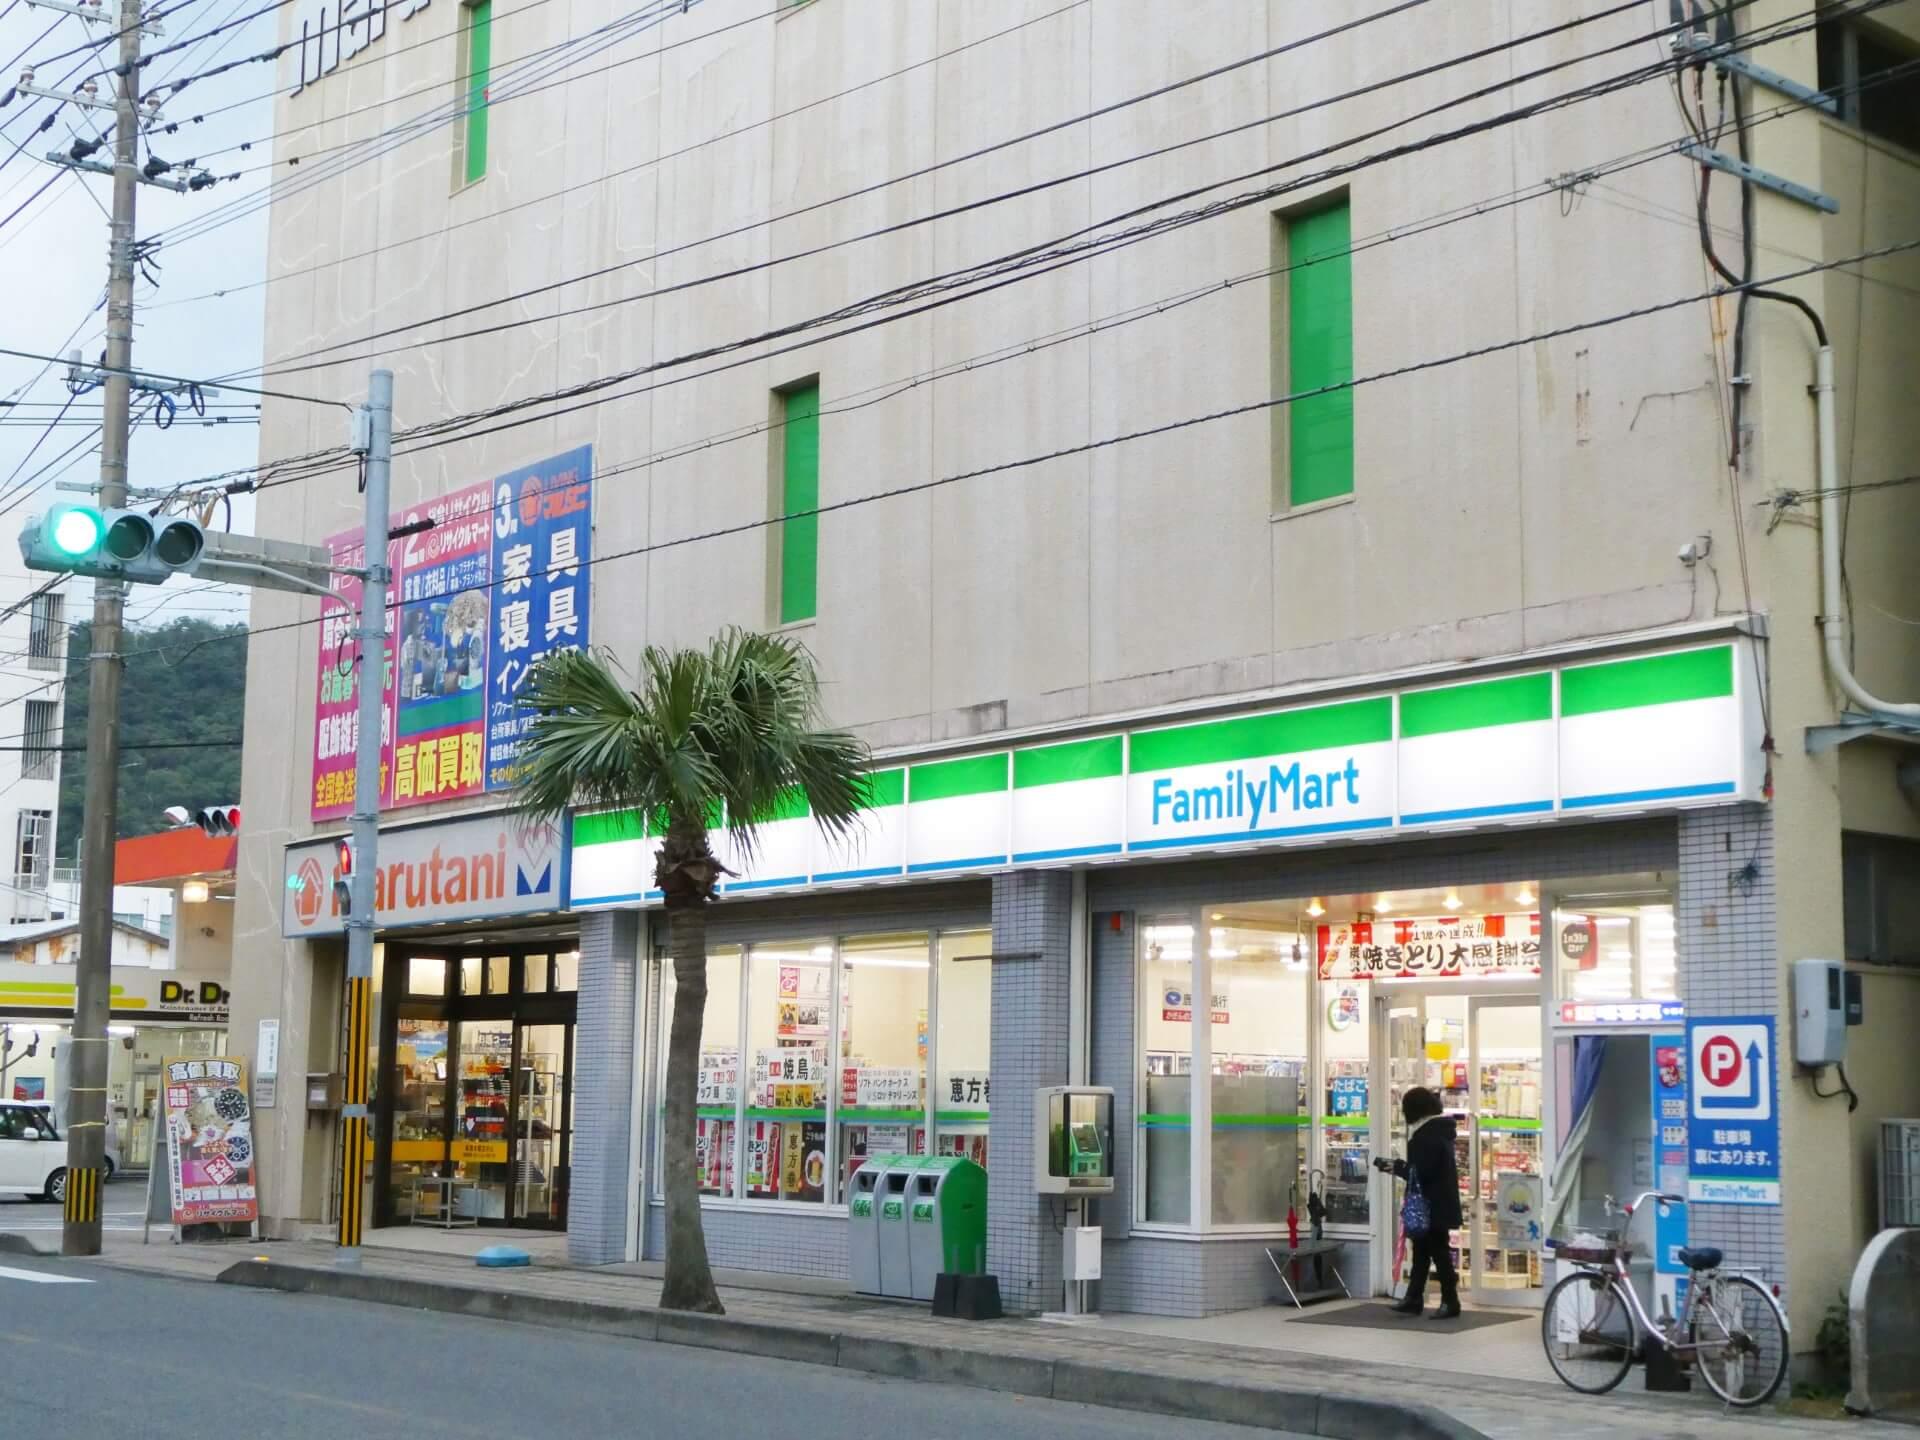 ファミリーマート名瀬港町店外観写真P1030071